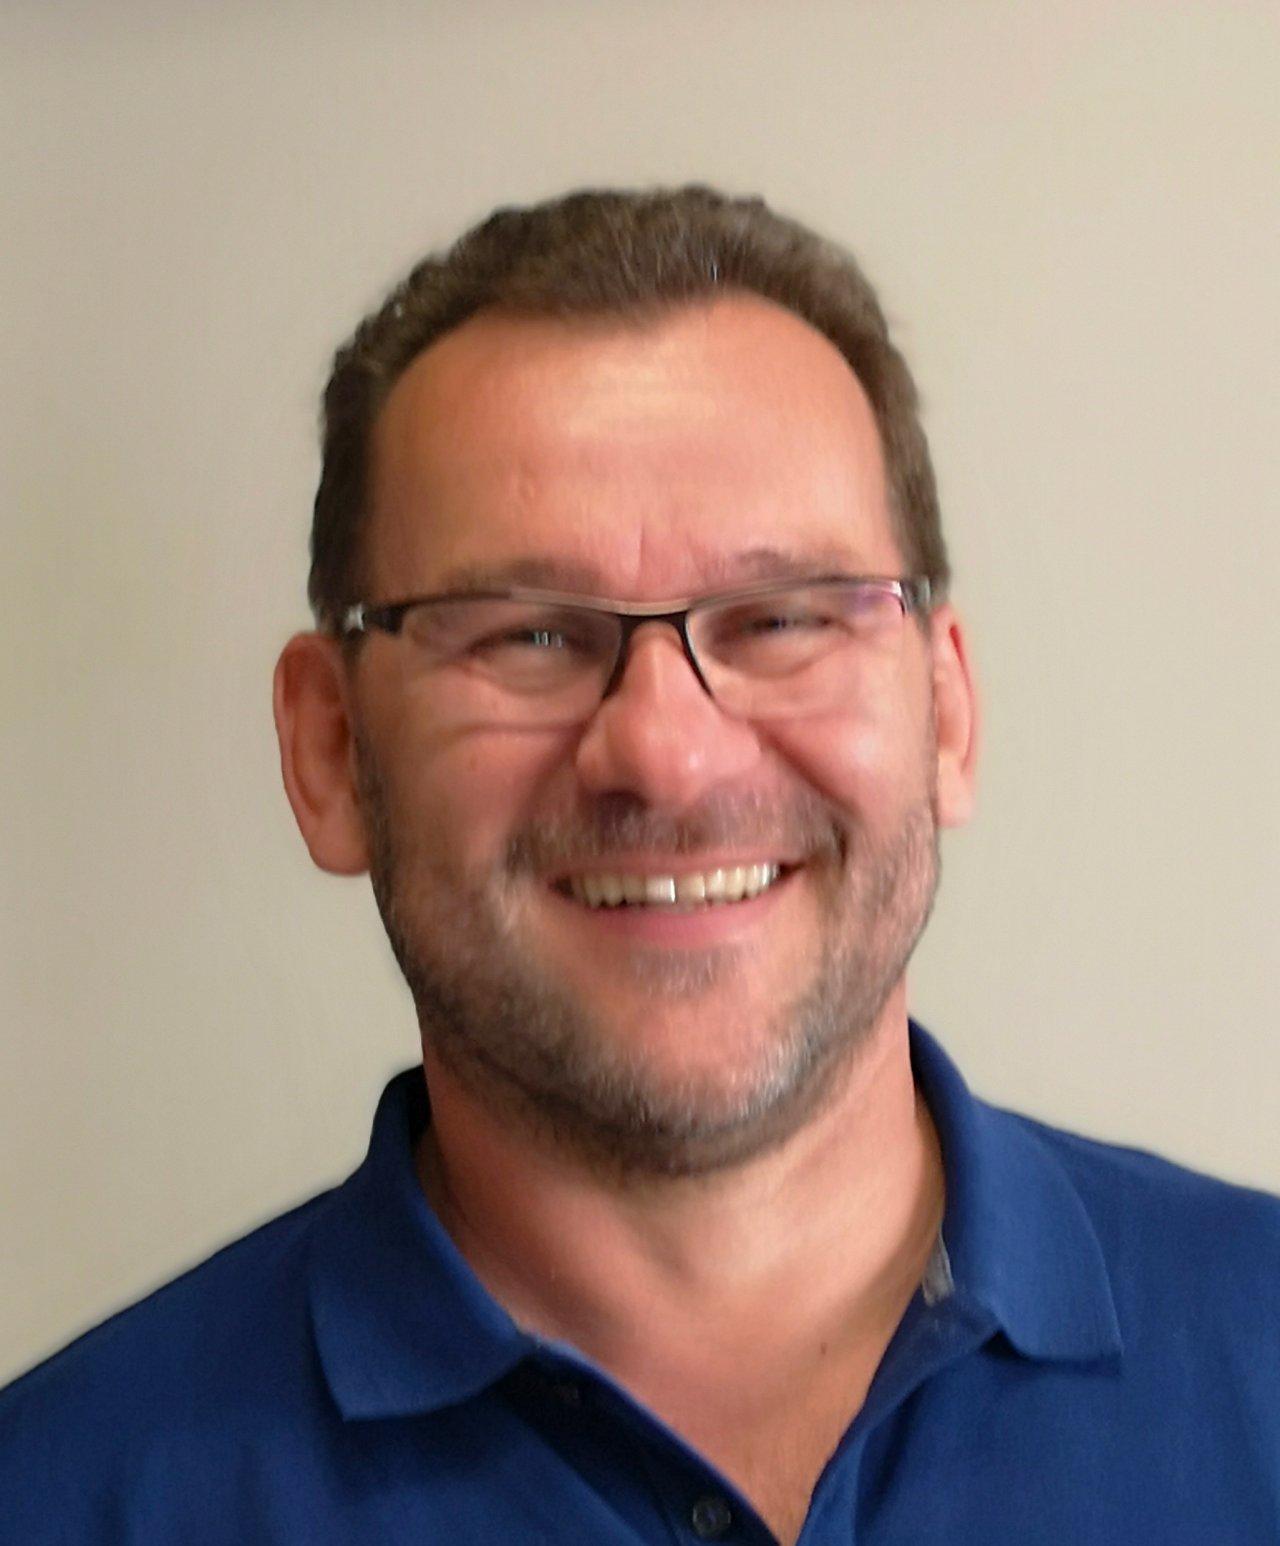 Das Foto zeigt den lachenden Dr. Arnd Schürmann aus Vilshofen an der Donau. Er wurde vor einem weißen Hintergrund fotografiert und trägt ein blaues Polo T-Shirt sowie eine eckige Brille. Außerdem hat er braunes kurzes Haar.